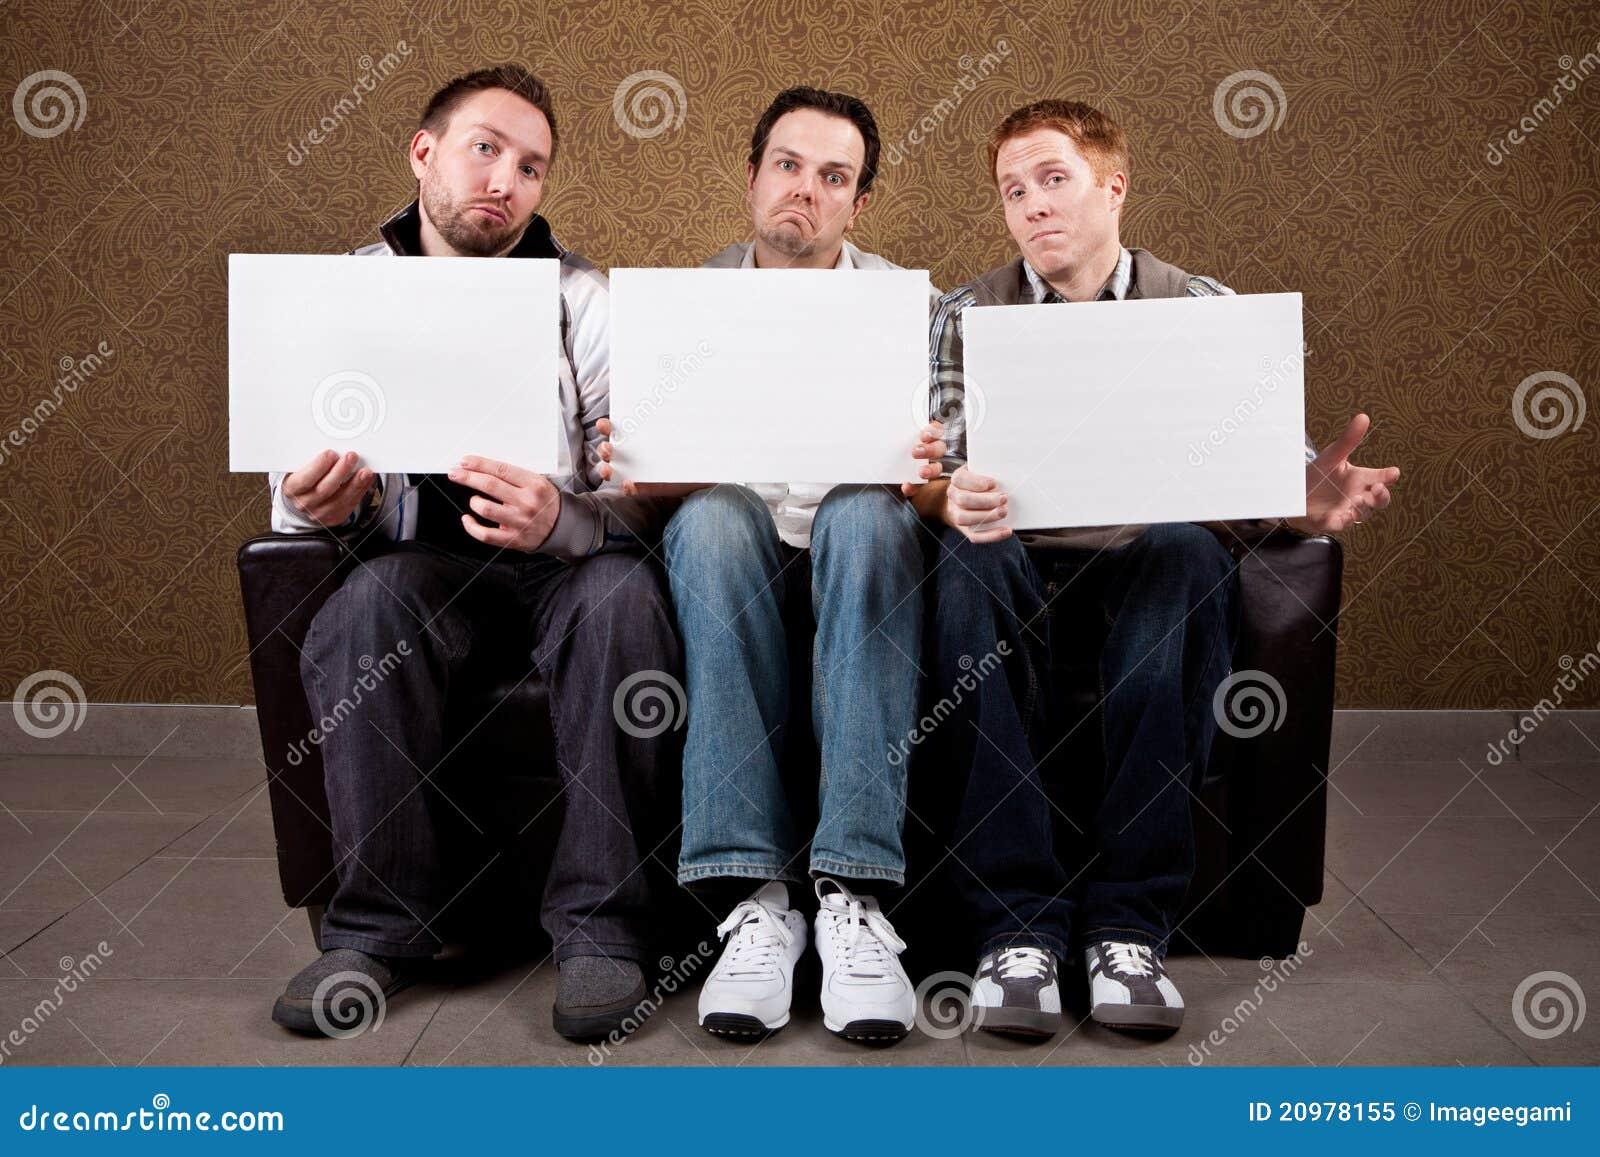 Unimpressed Judges